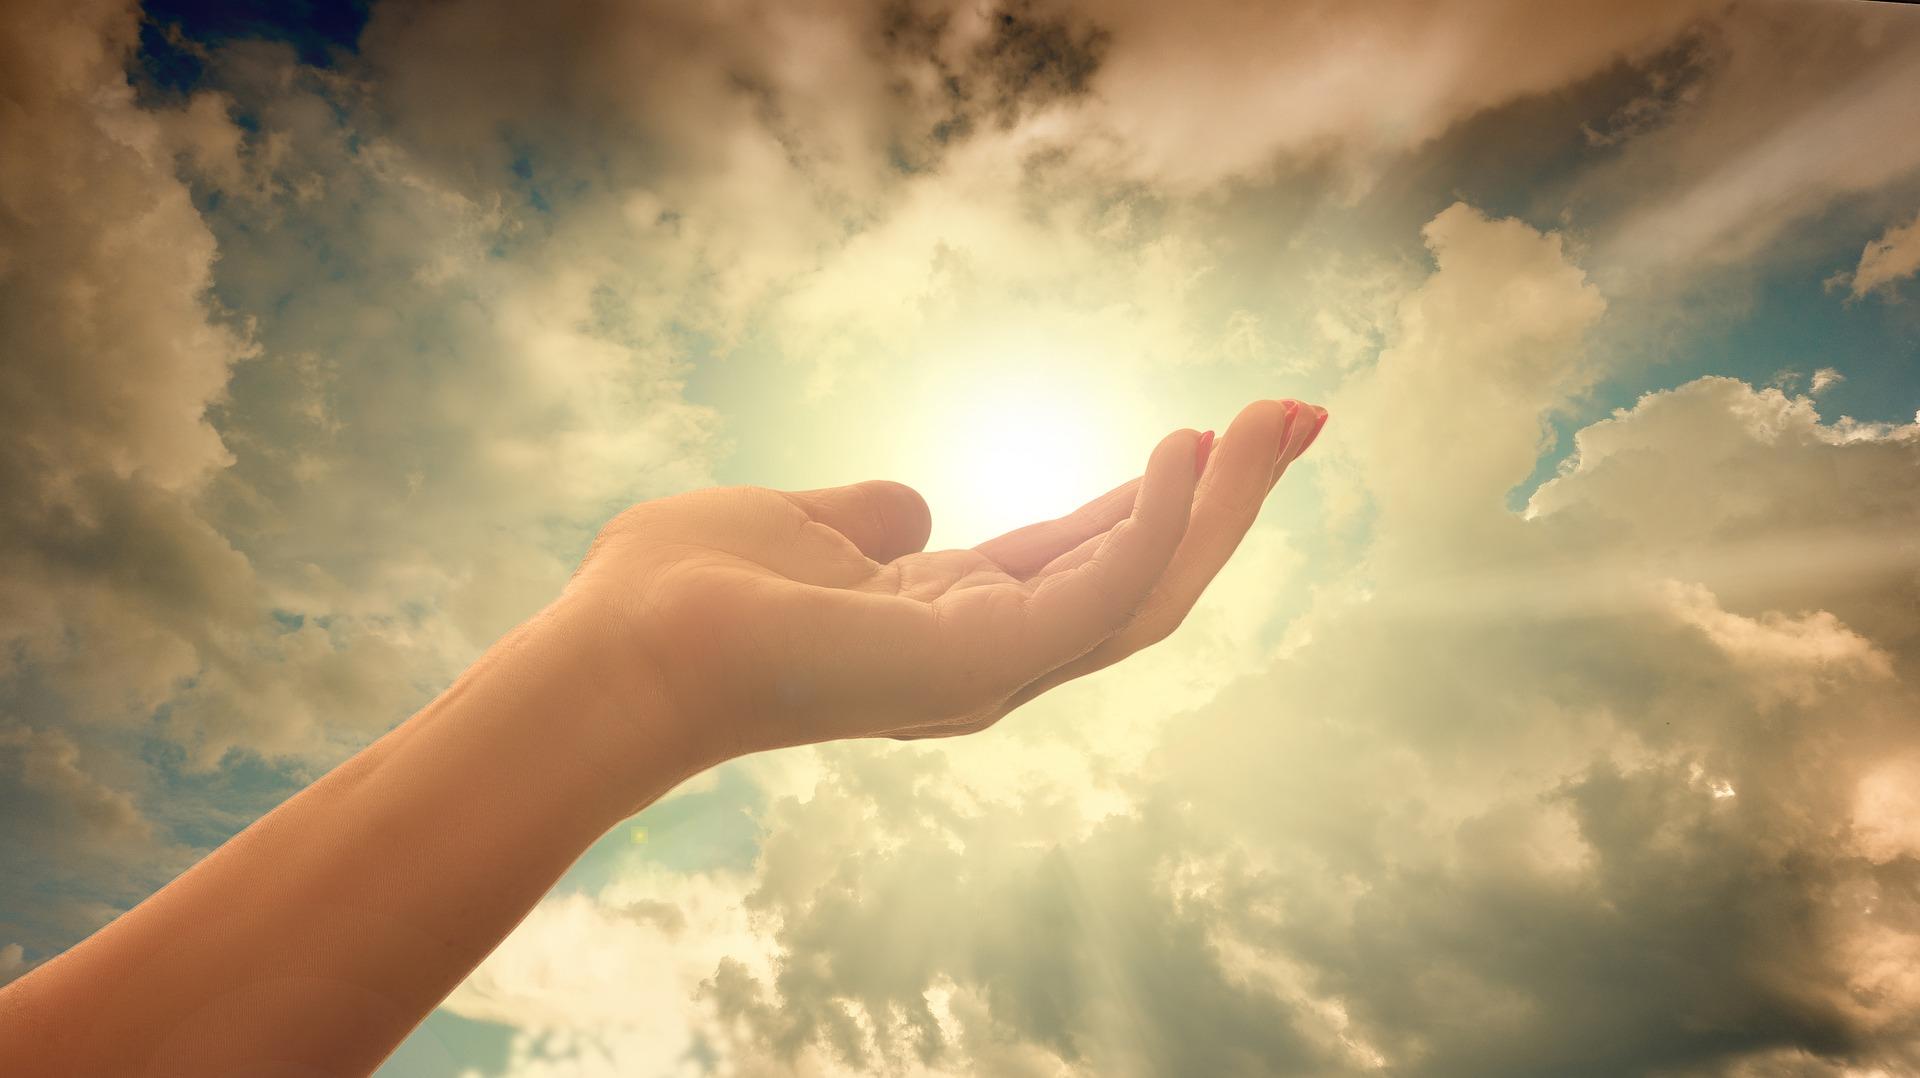 모든 그리스도인은 to heaven입니다~ 기독교 전문상조의 투헤븐과 함께라면 그 어디나 하늘나라, 천국의 소망이 됩니다.